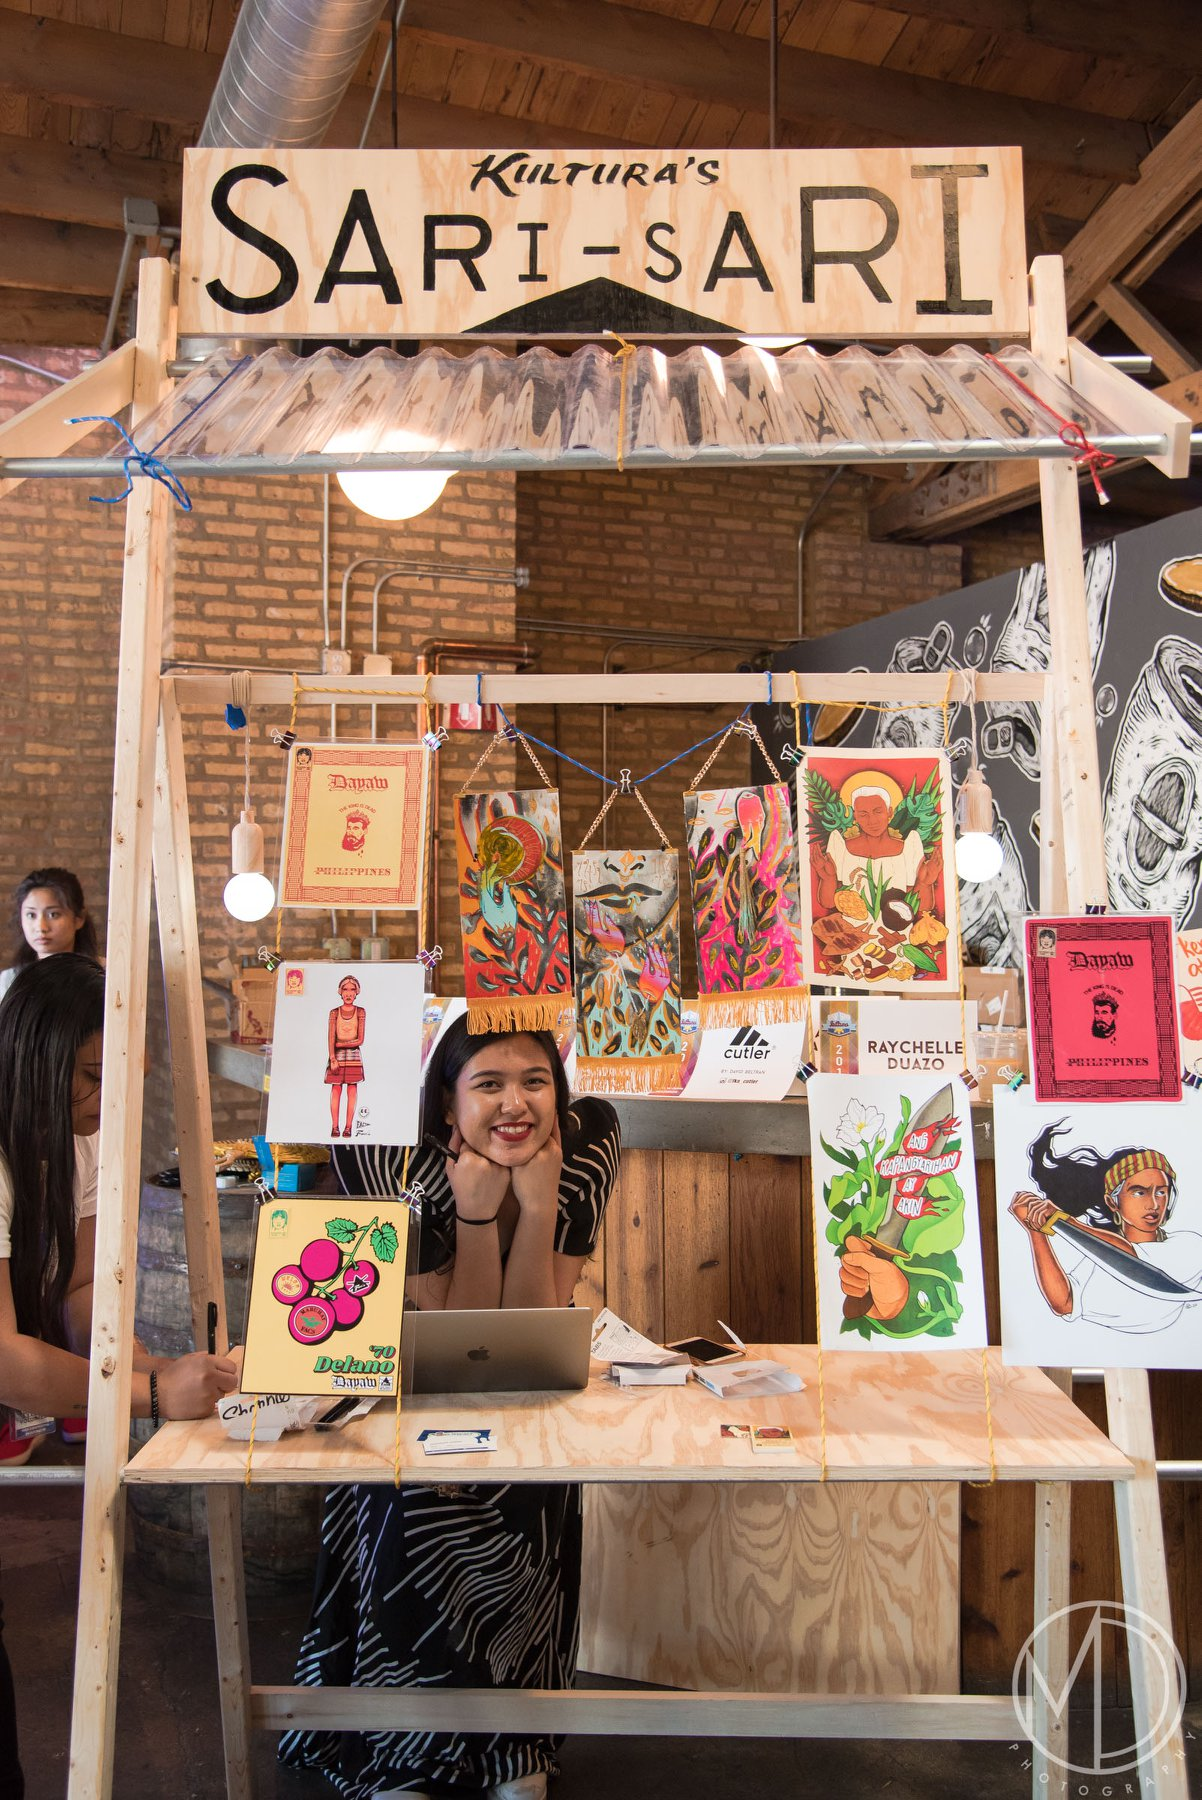 Sari-Sari Pop-Up - Kultura Festival Chicago 2018